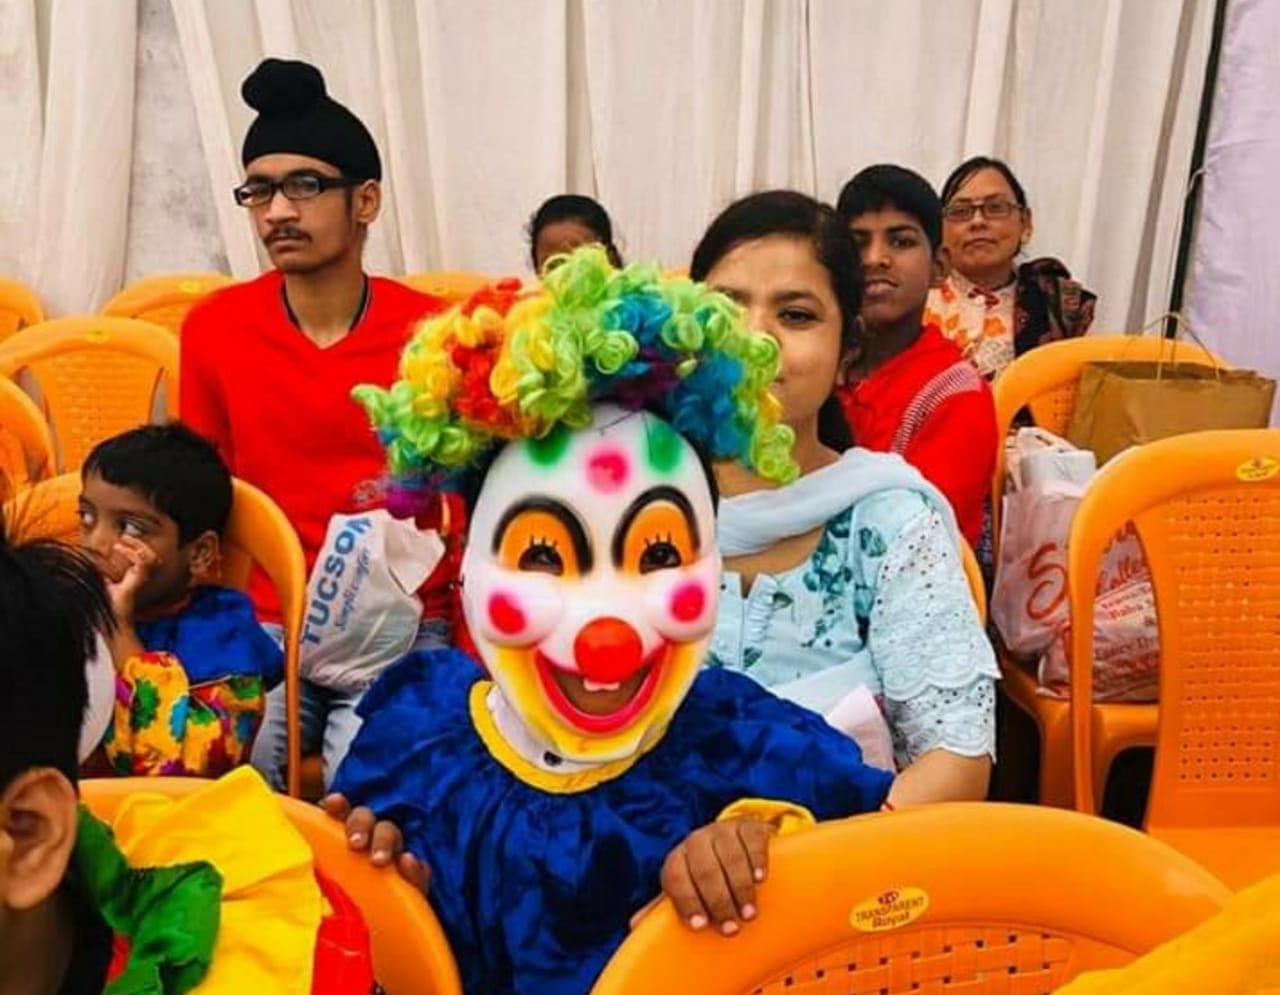 15 स्कूल के 850 स्पेशली एबल्ड बच्चों ने किया सबको मन्त्र मुग्ध..